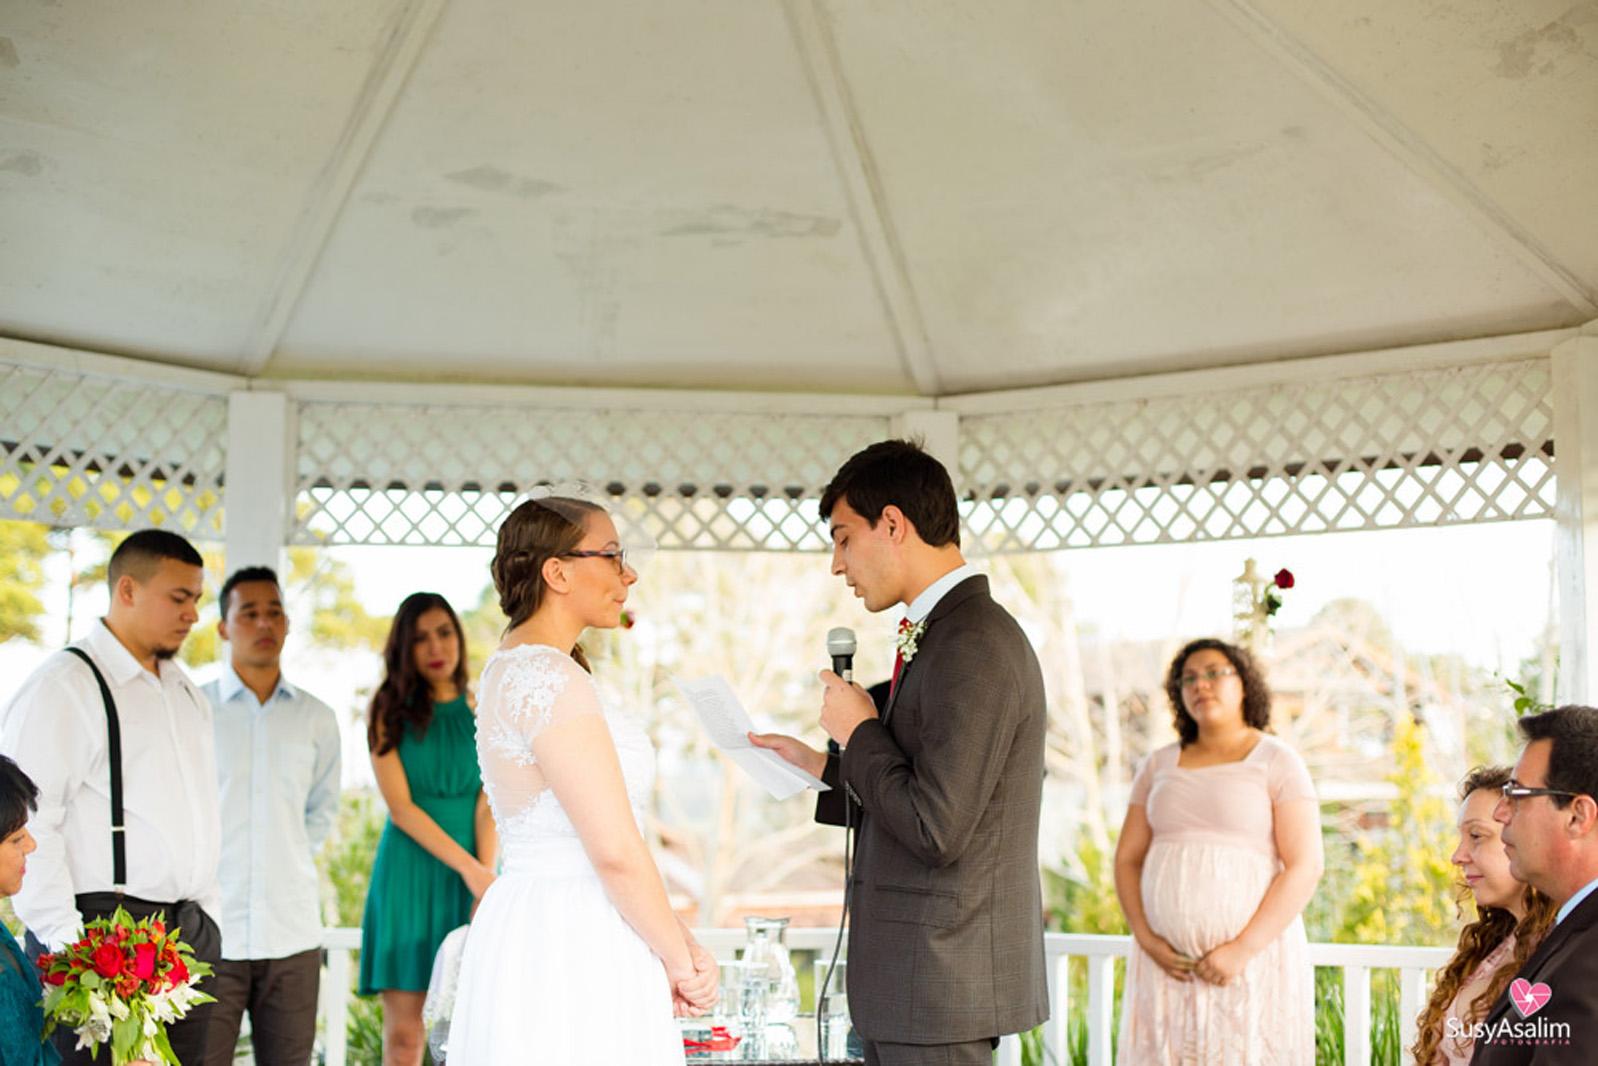 casamento BR-594